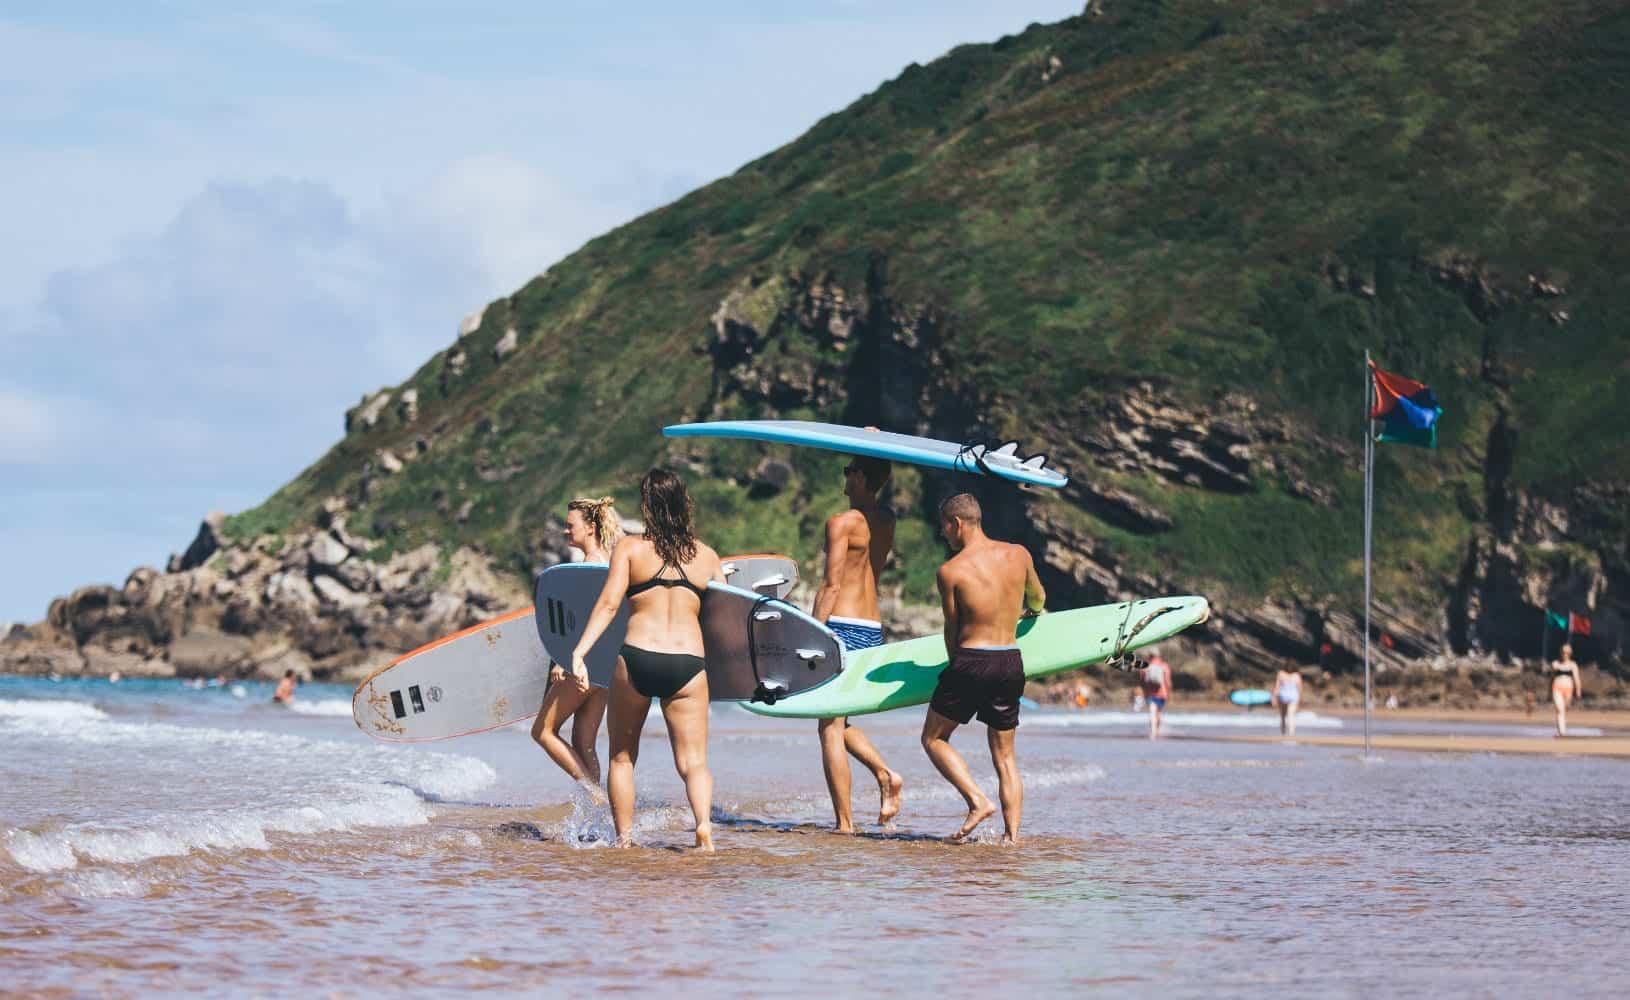 Spain Surf Village Zarautz Surf beachshot 2